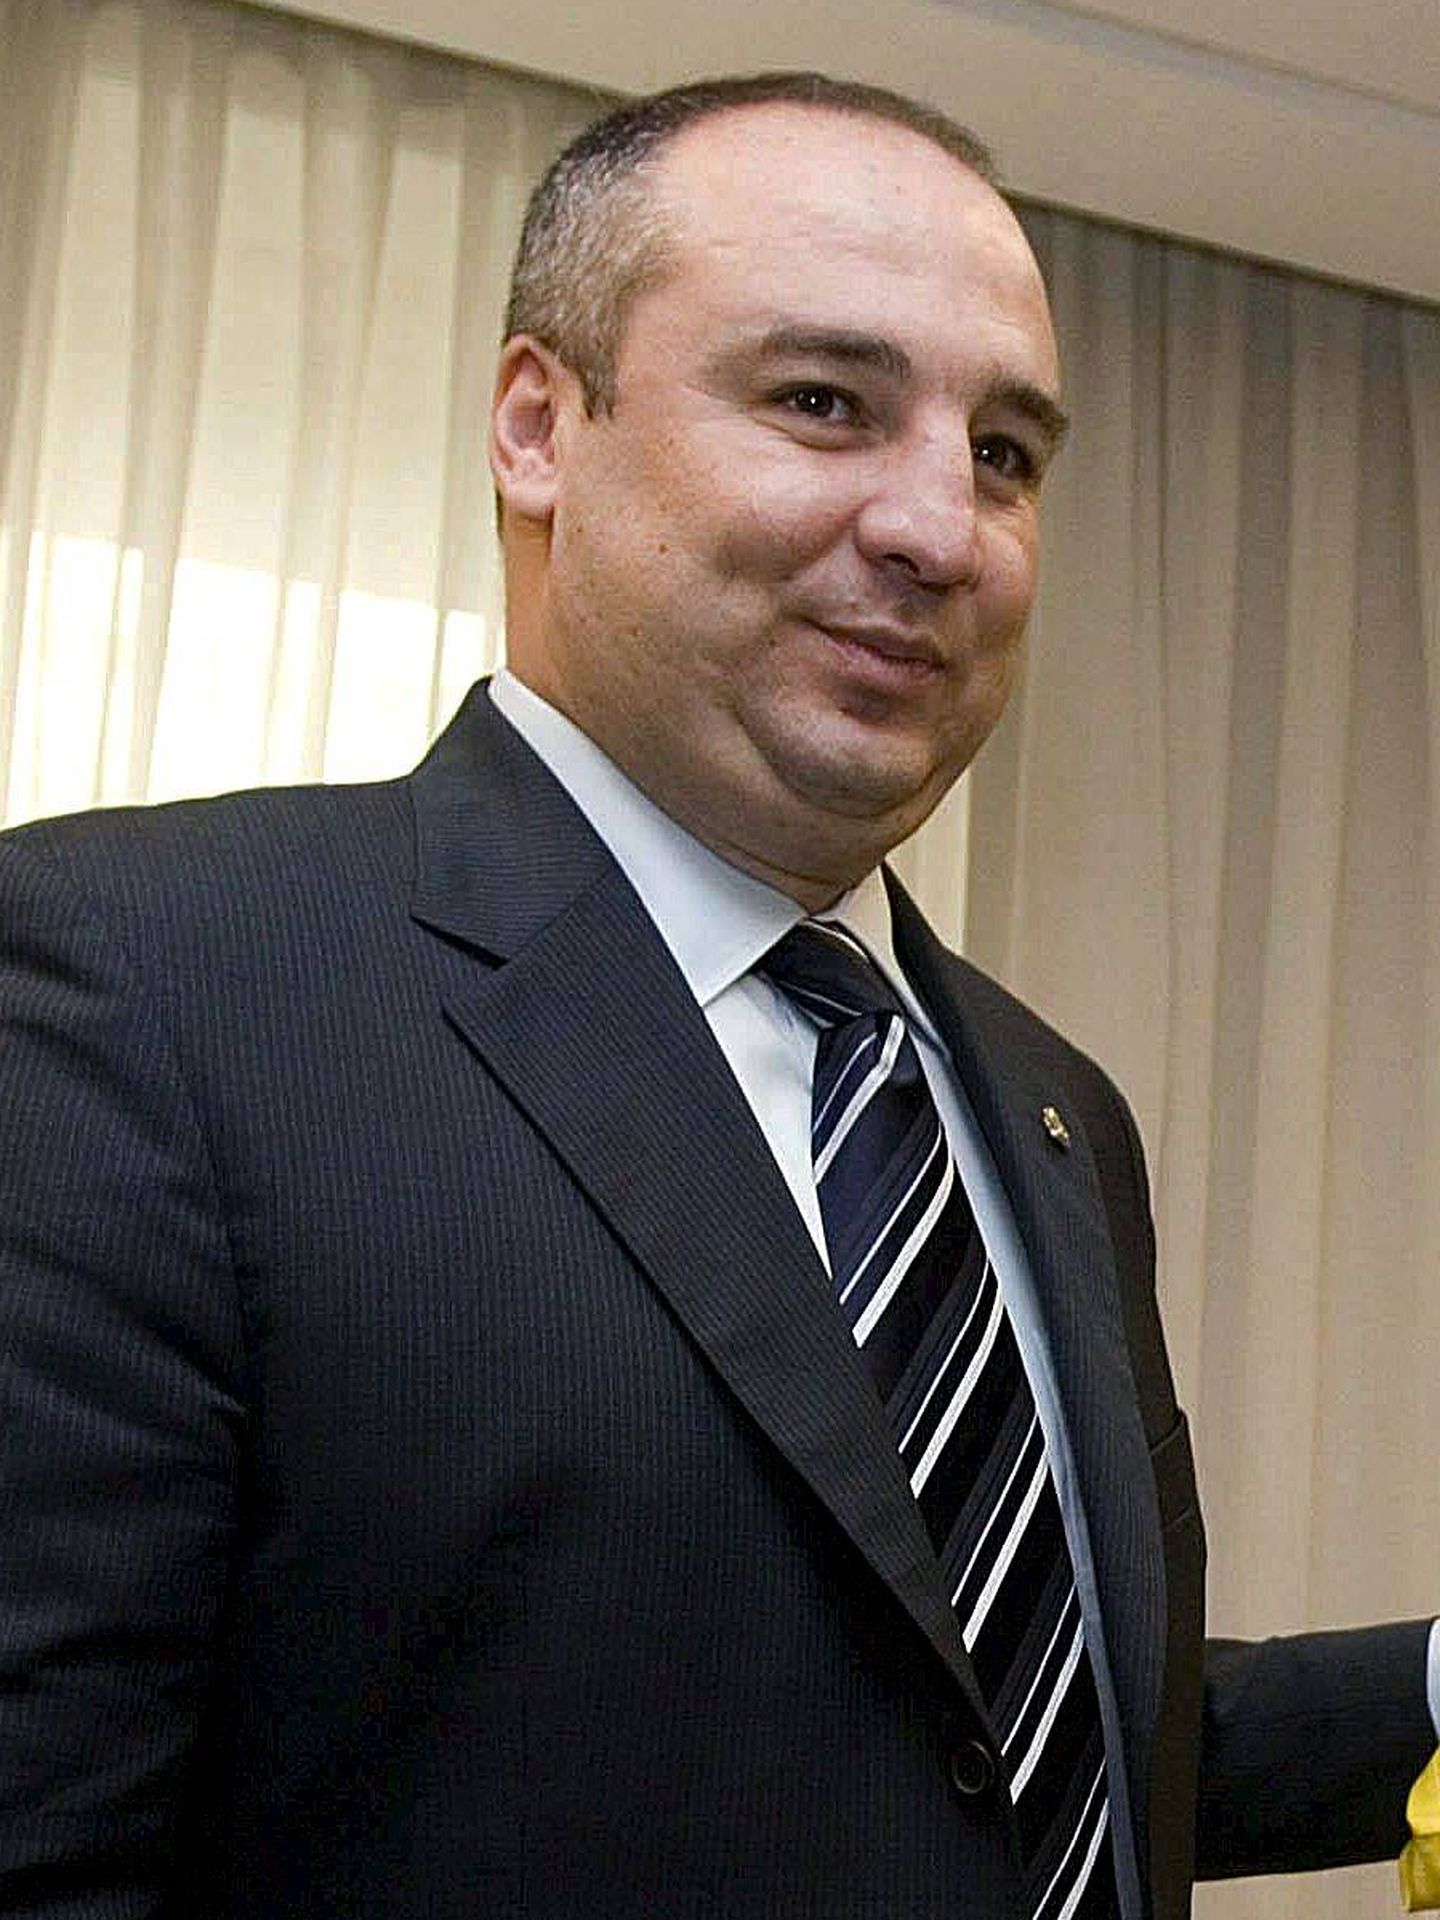 Miguel Ángel Ramírez es presidente de la UD Las Palmas y propietario de Seguridad Integral Canaria.